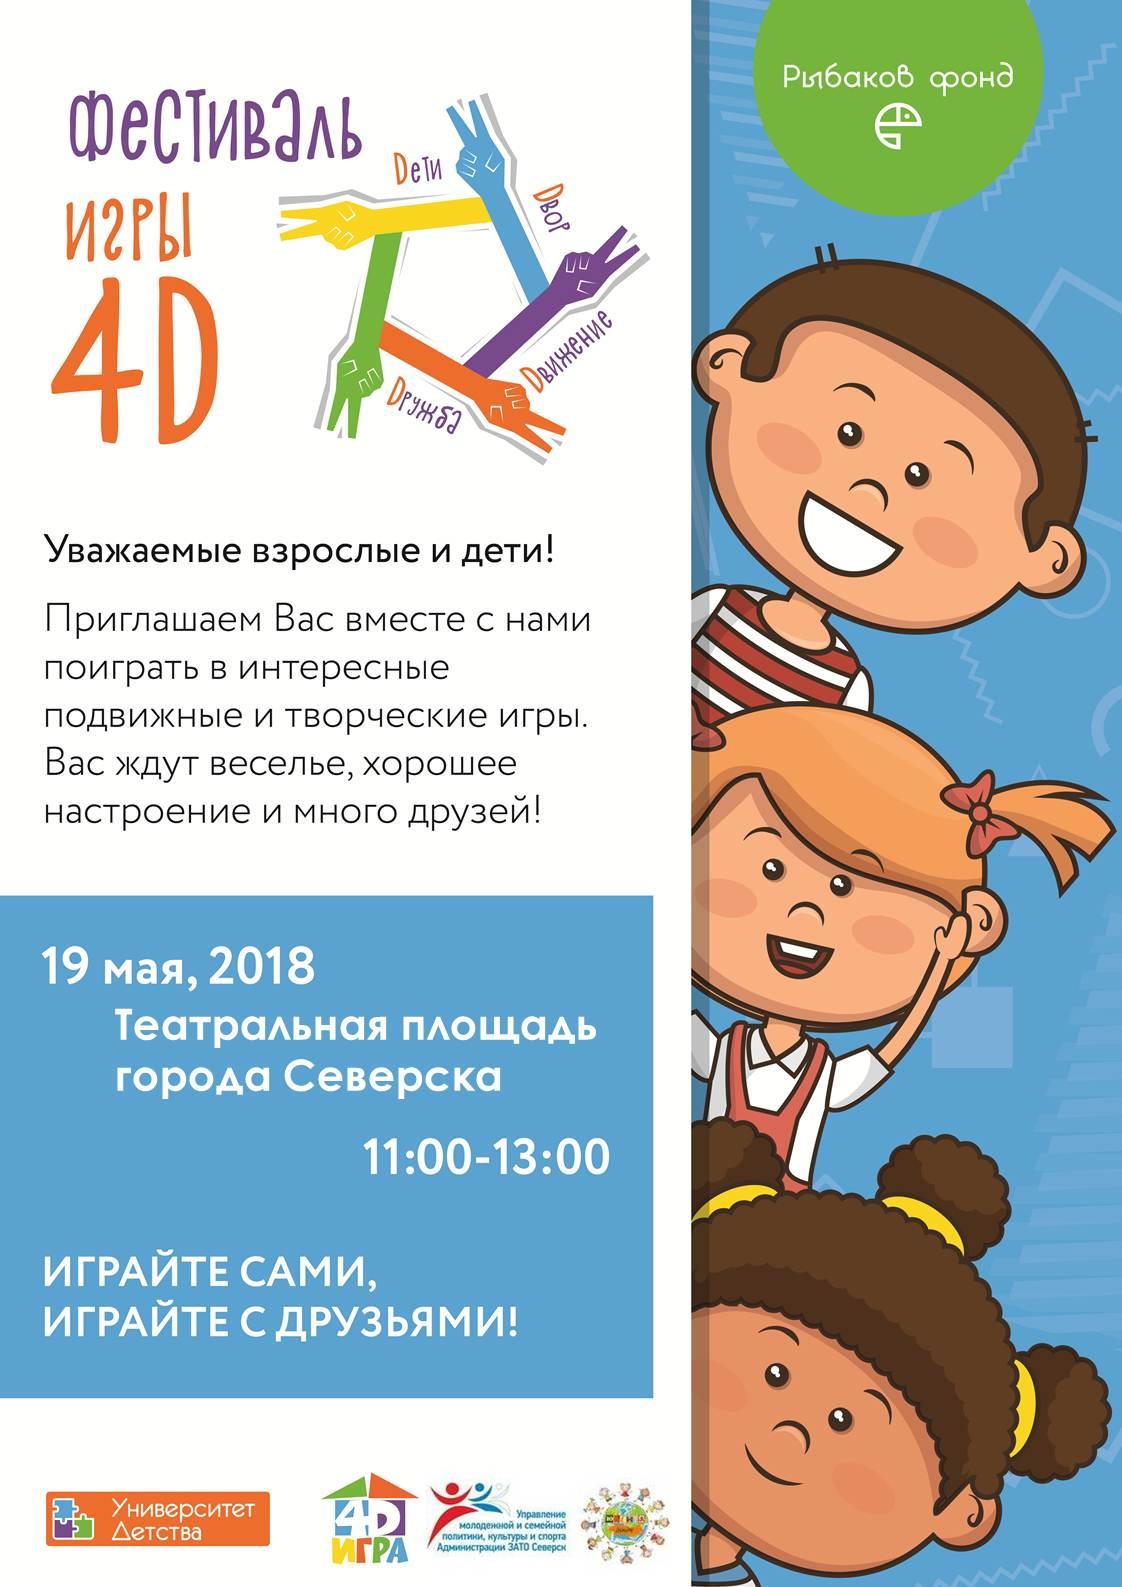 Всероссийский фестиваль игры 4D